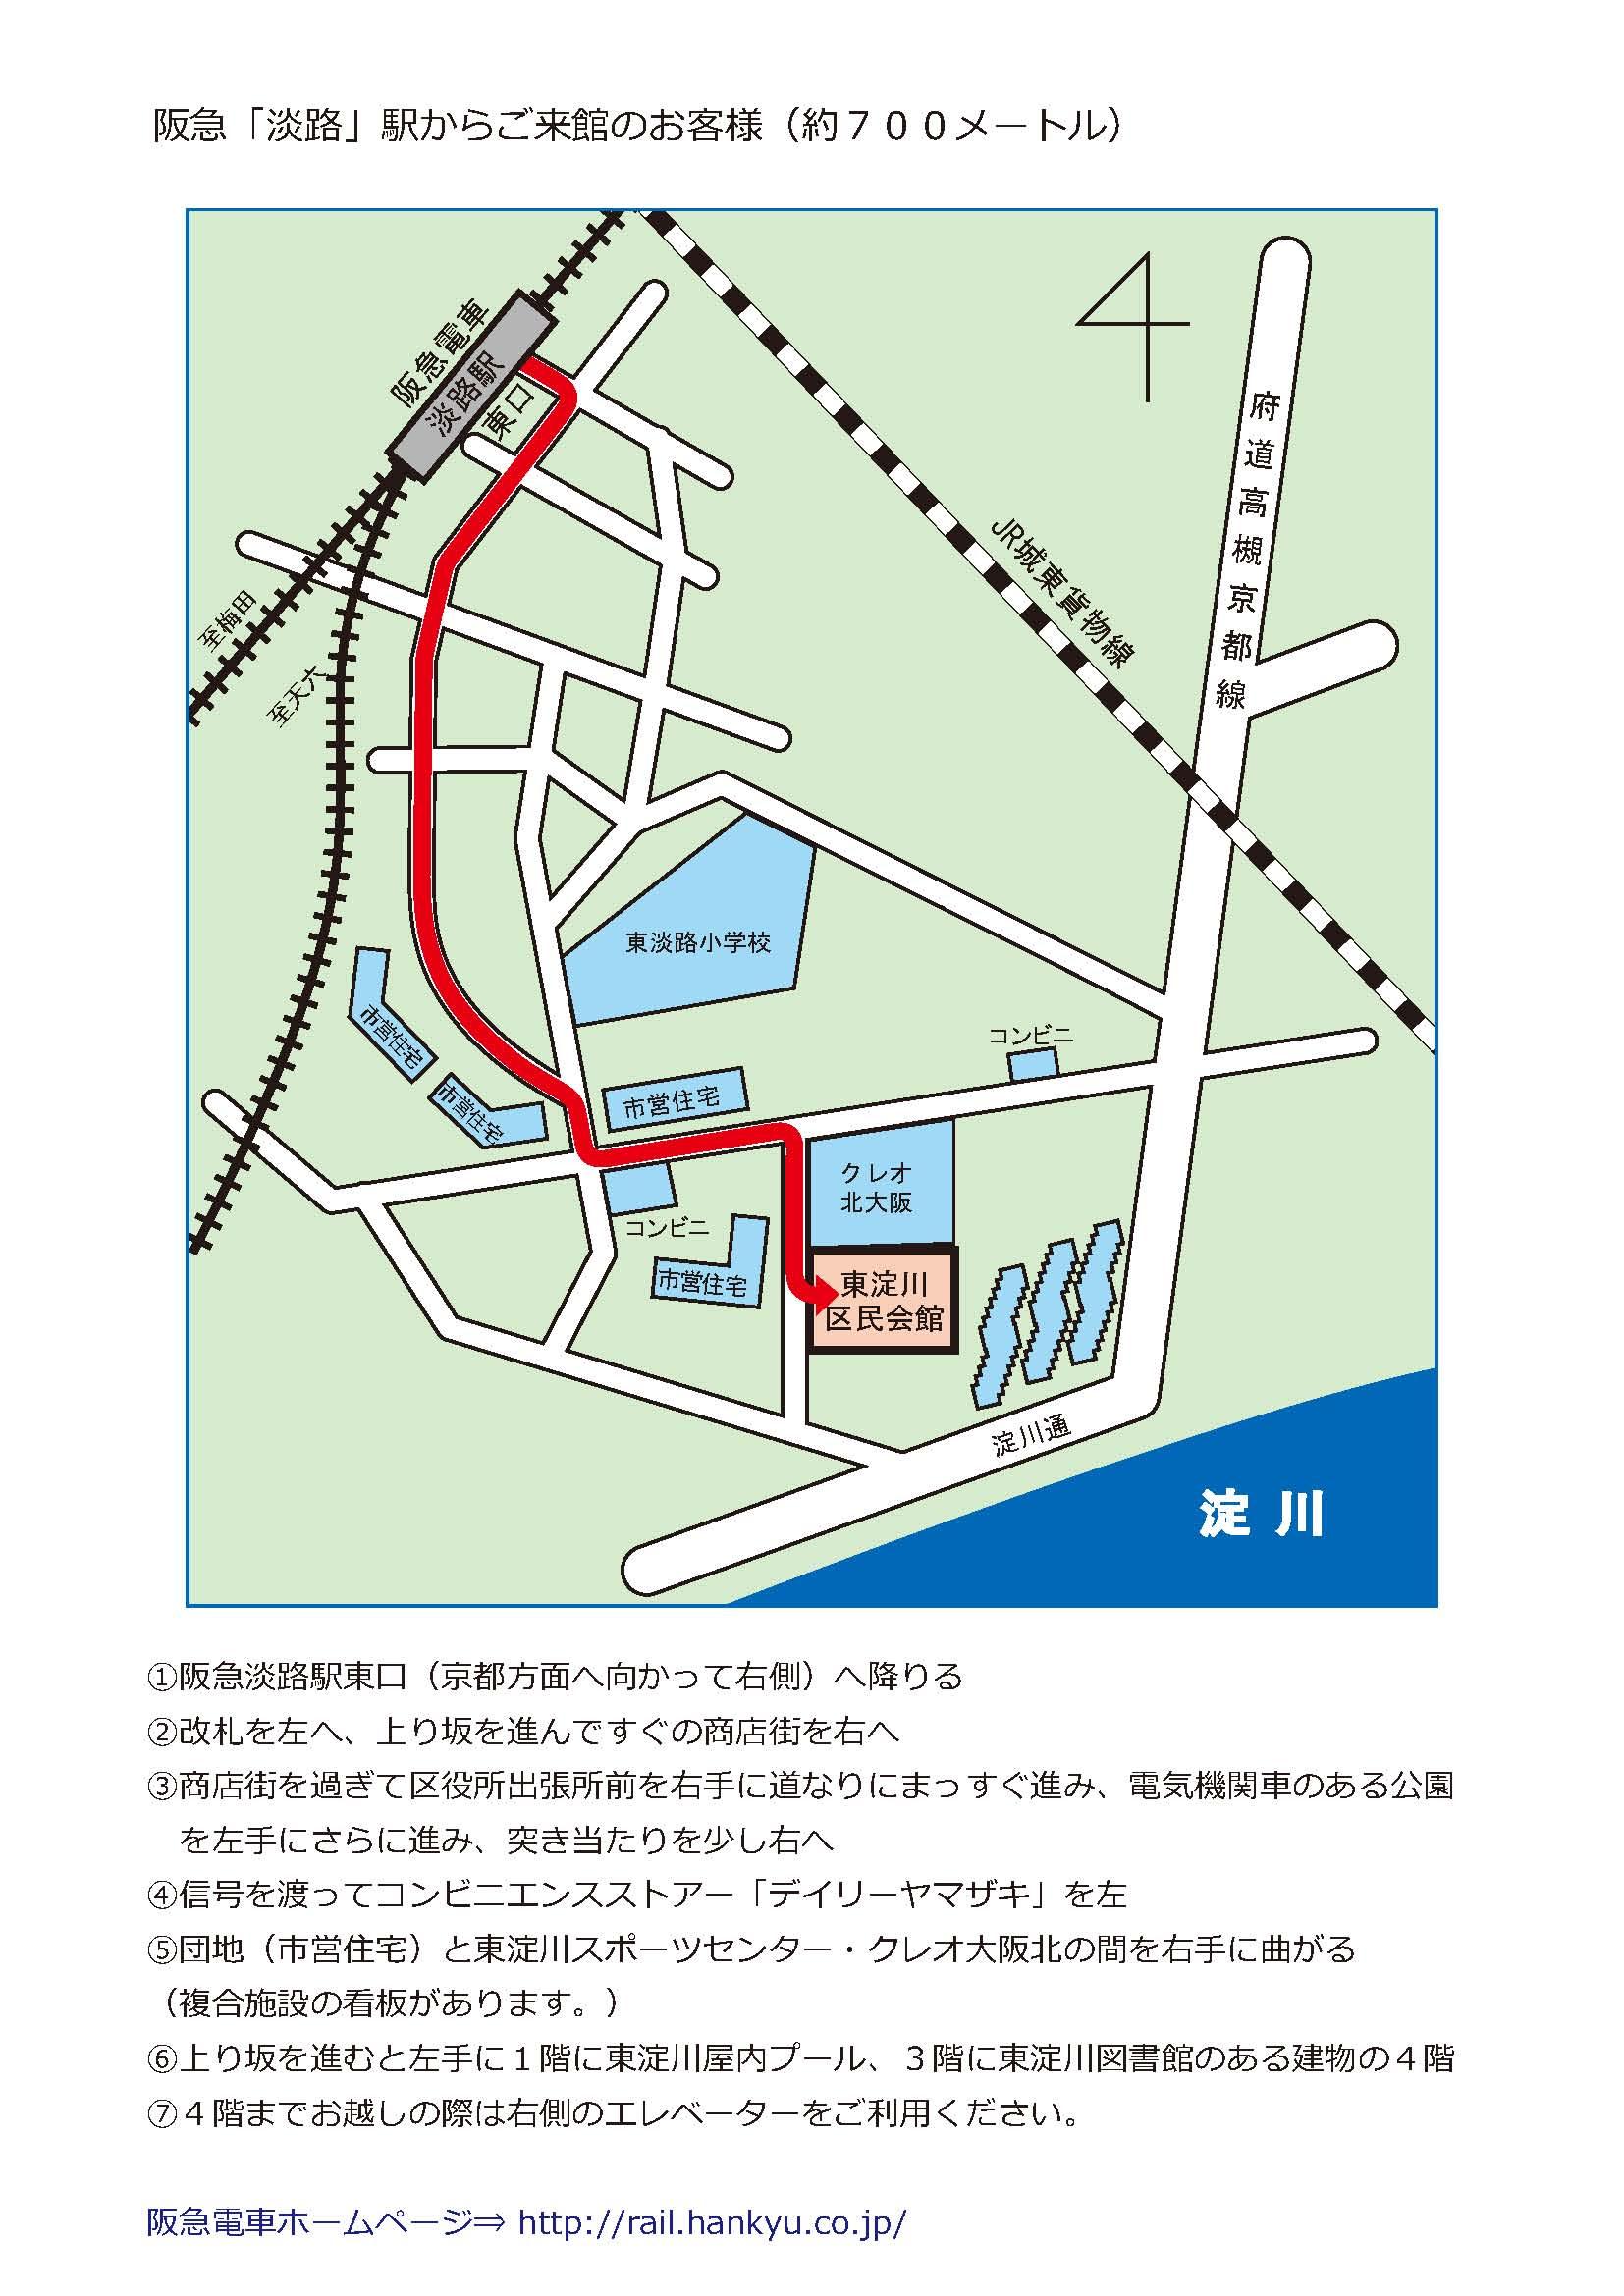 map-hyg.jpg